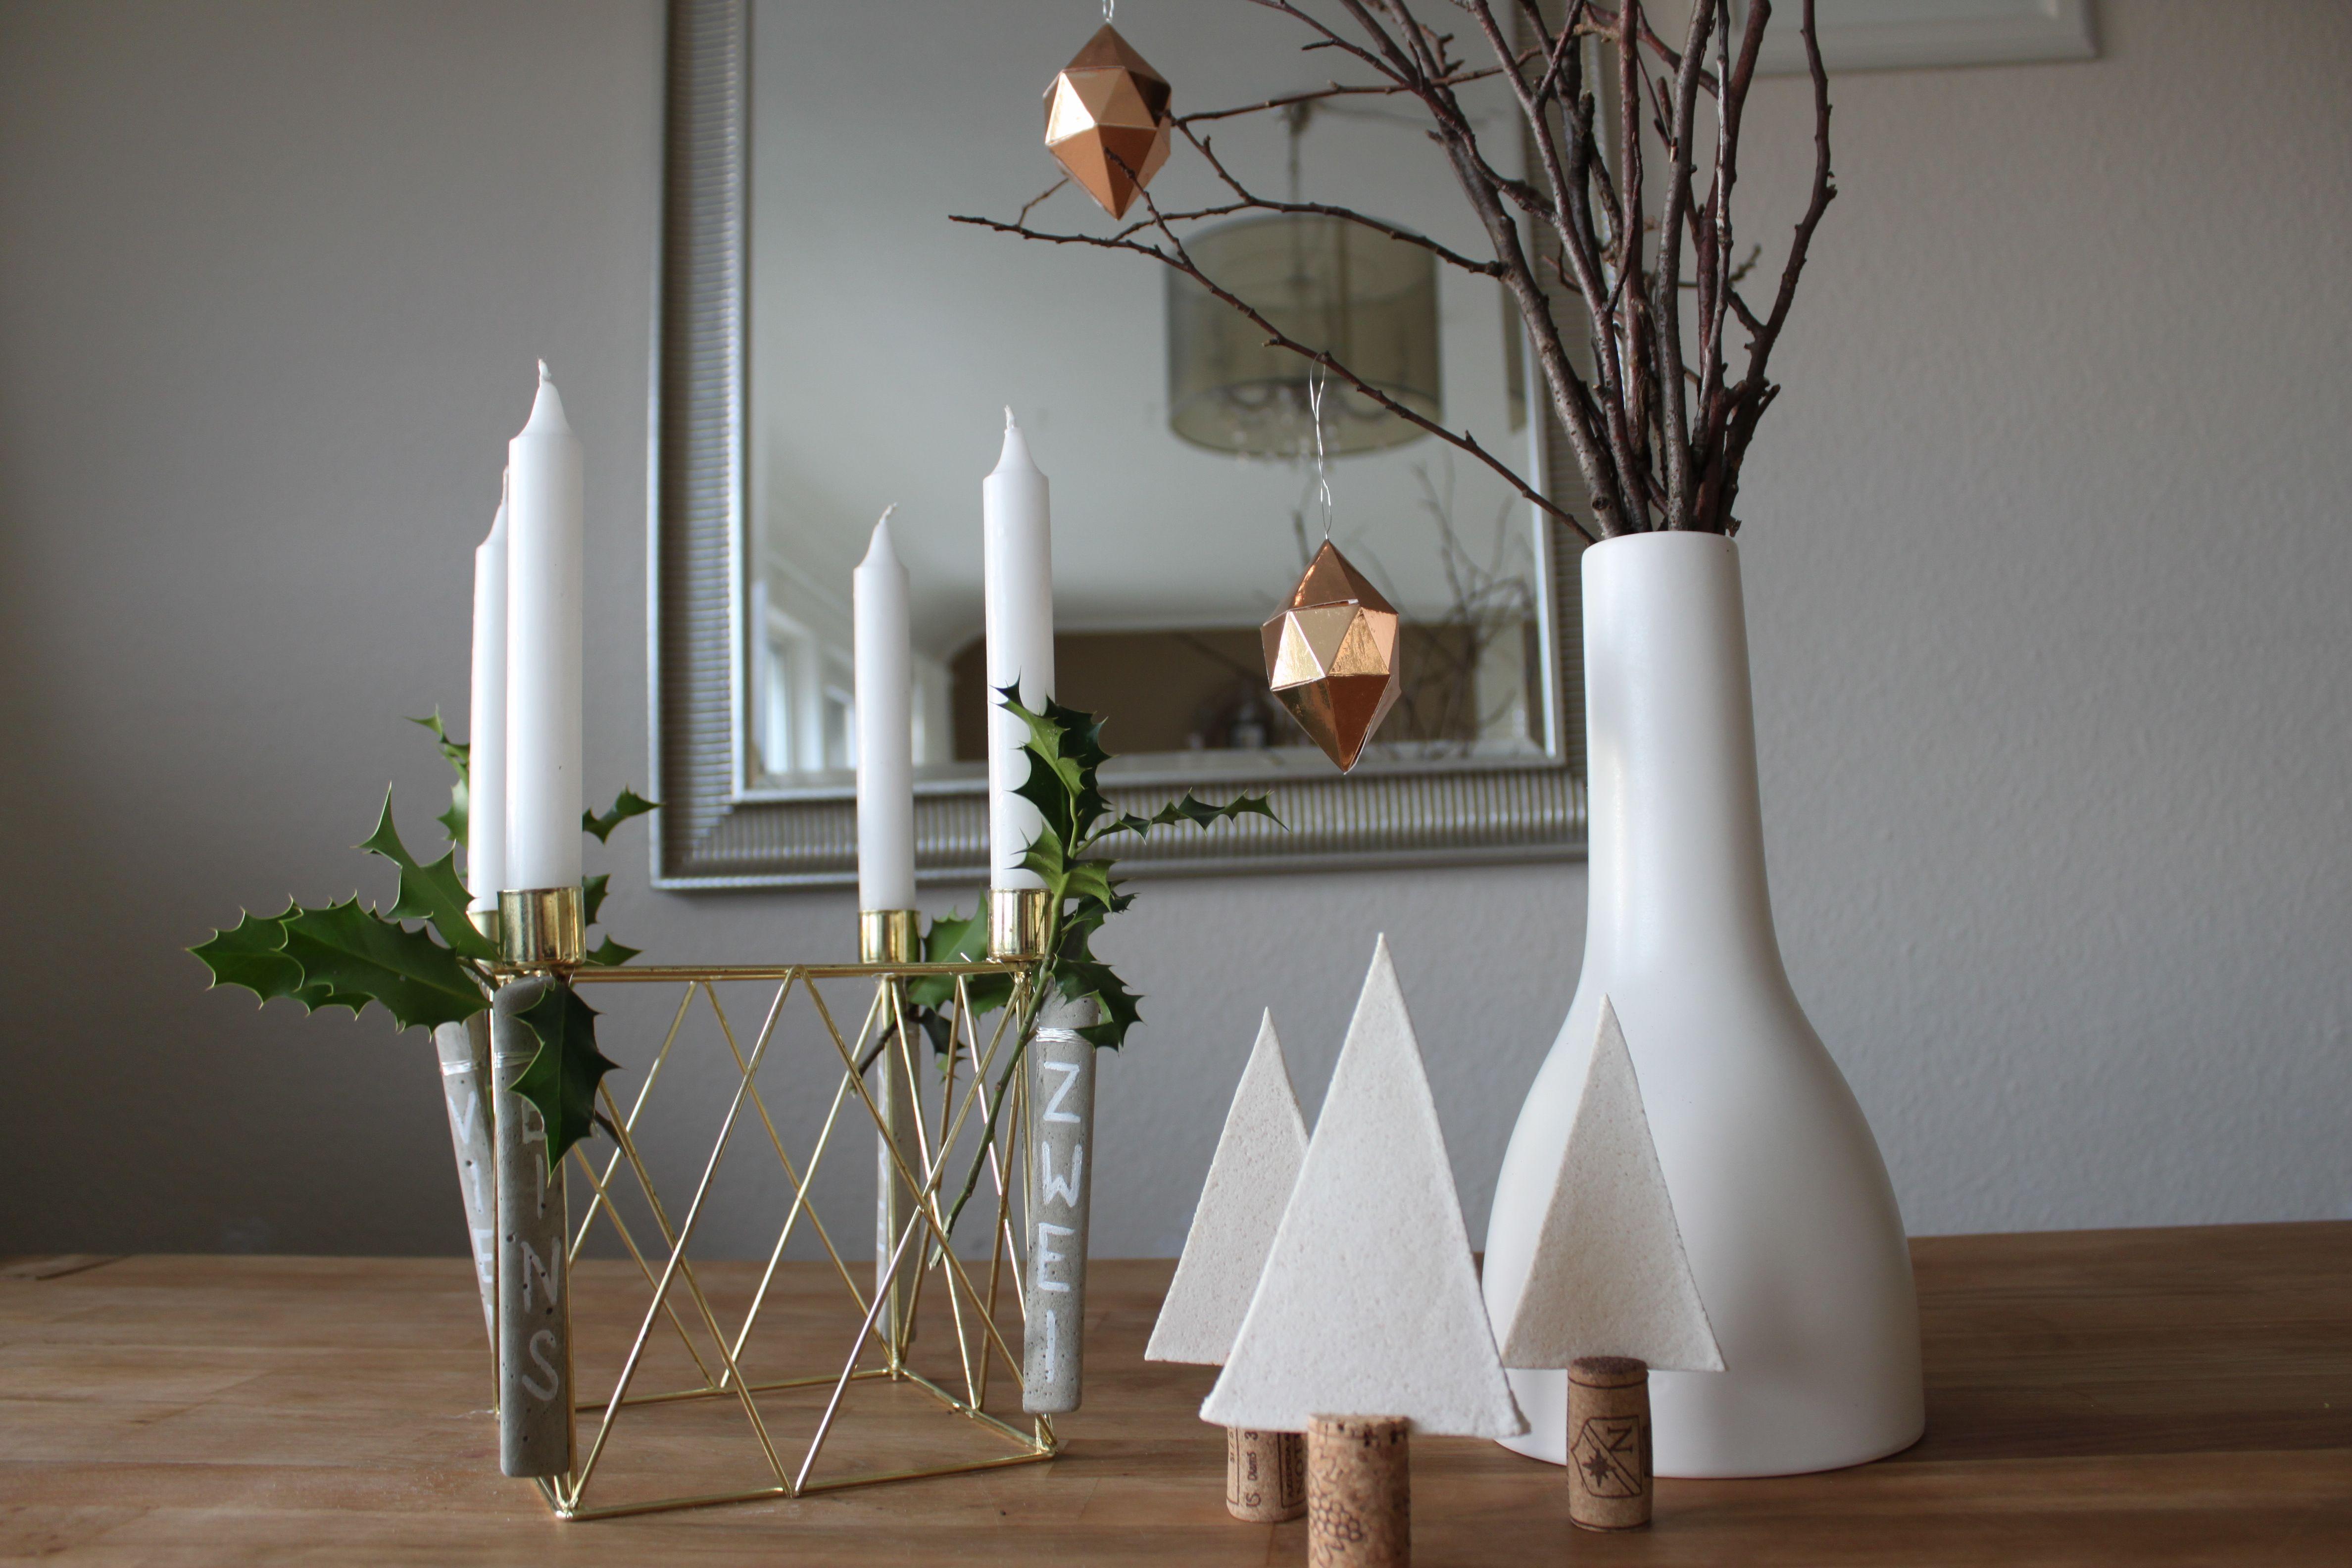 Blickfang Weihnachtsdeko Aus Papier Beste Wahl Diy Tisch Weihnachtsdeko: Adventskranz, Kupfer Diamanten Und